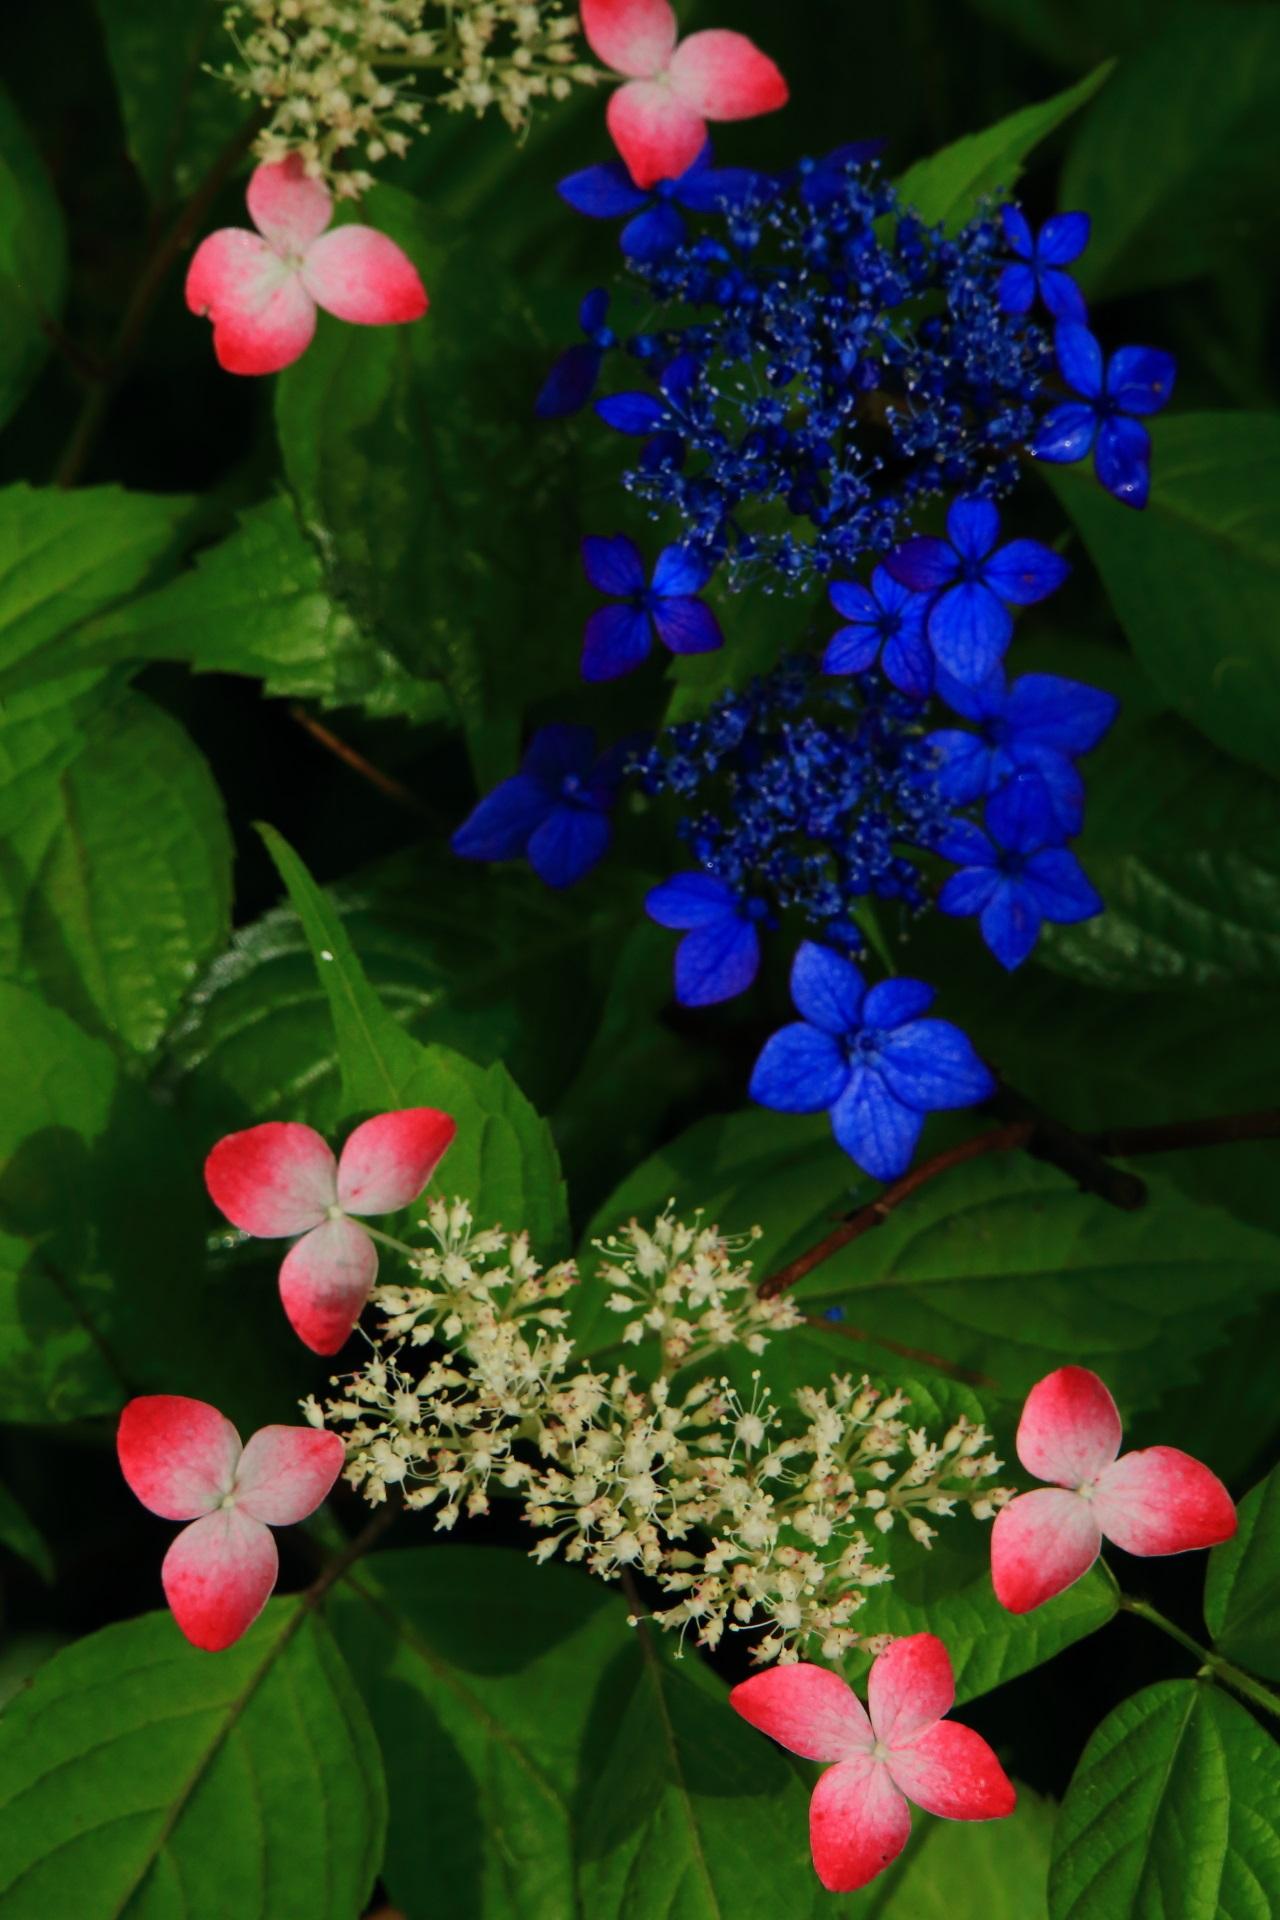 見事なコントラストの赤と青の額紫陽花